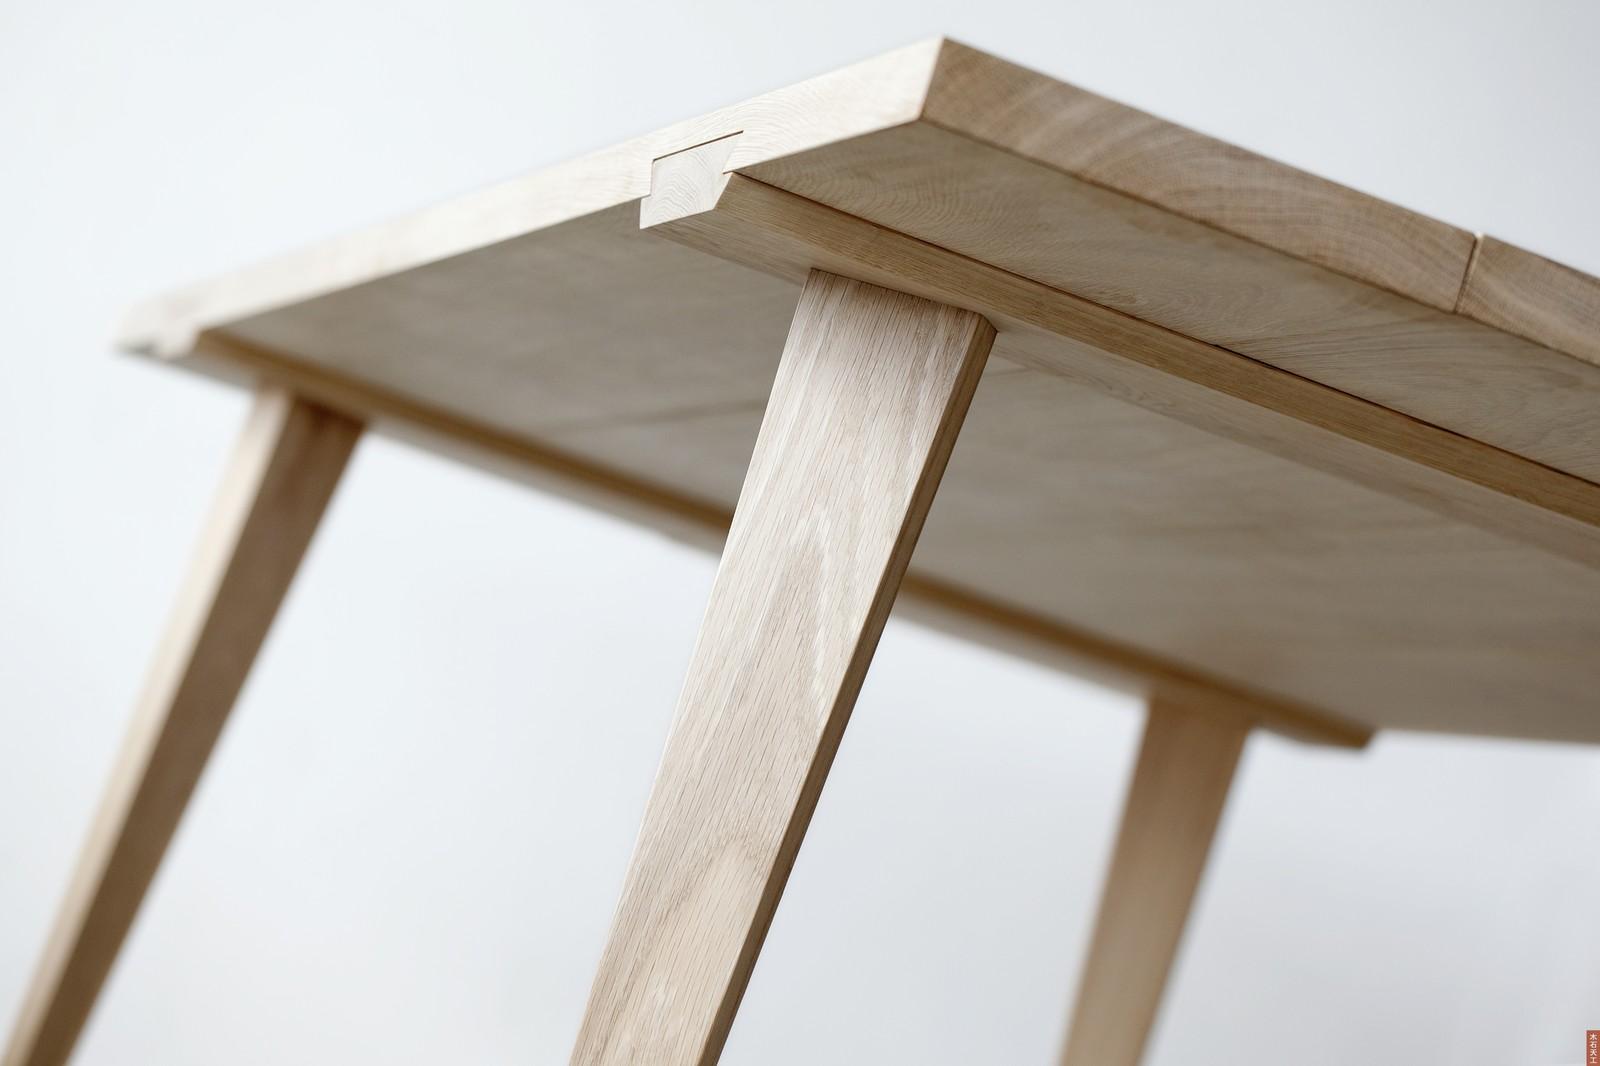 Timber-table-hisheji (5)